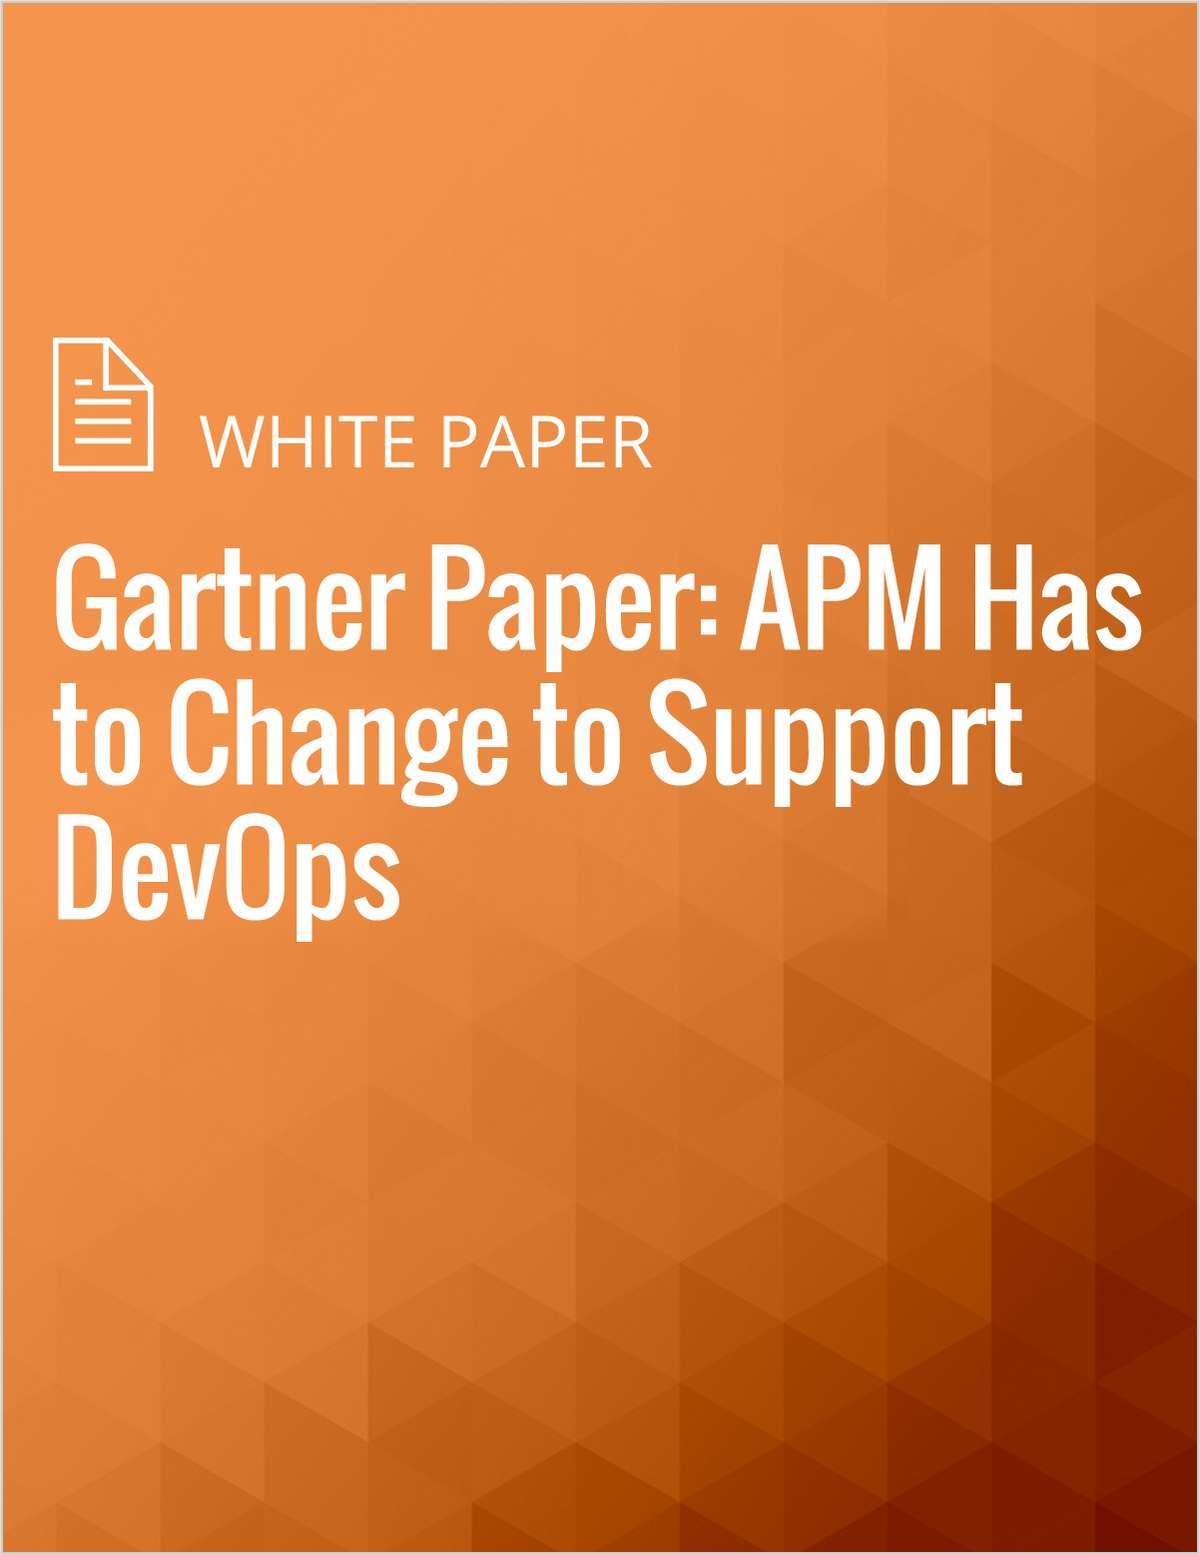 Gartner Paper: APM Has to Change to Support DevOps